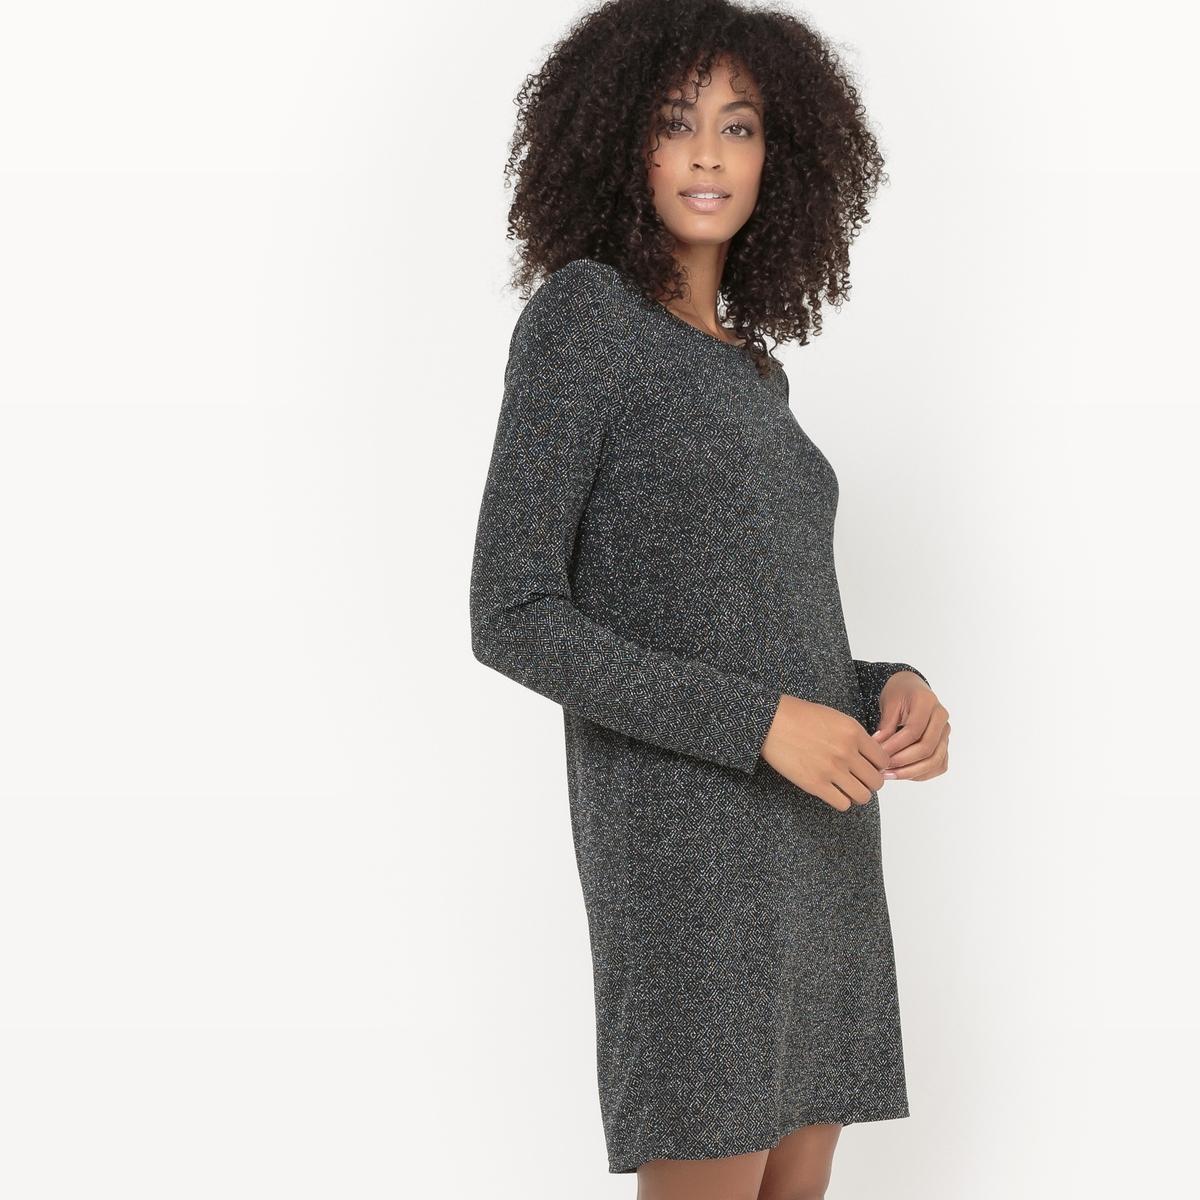 Платье с длинными рукавами VITINNY LUOSQUARE DRESSСостав и описание :Материал : 75% полиамид, 20% металлизированные волокнаМарка : VILA.<br><br>Цвет: черный